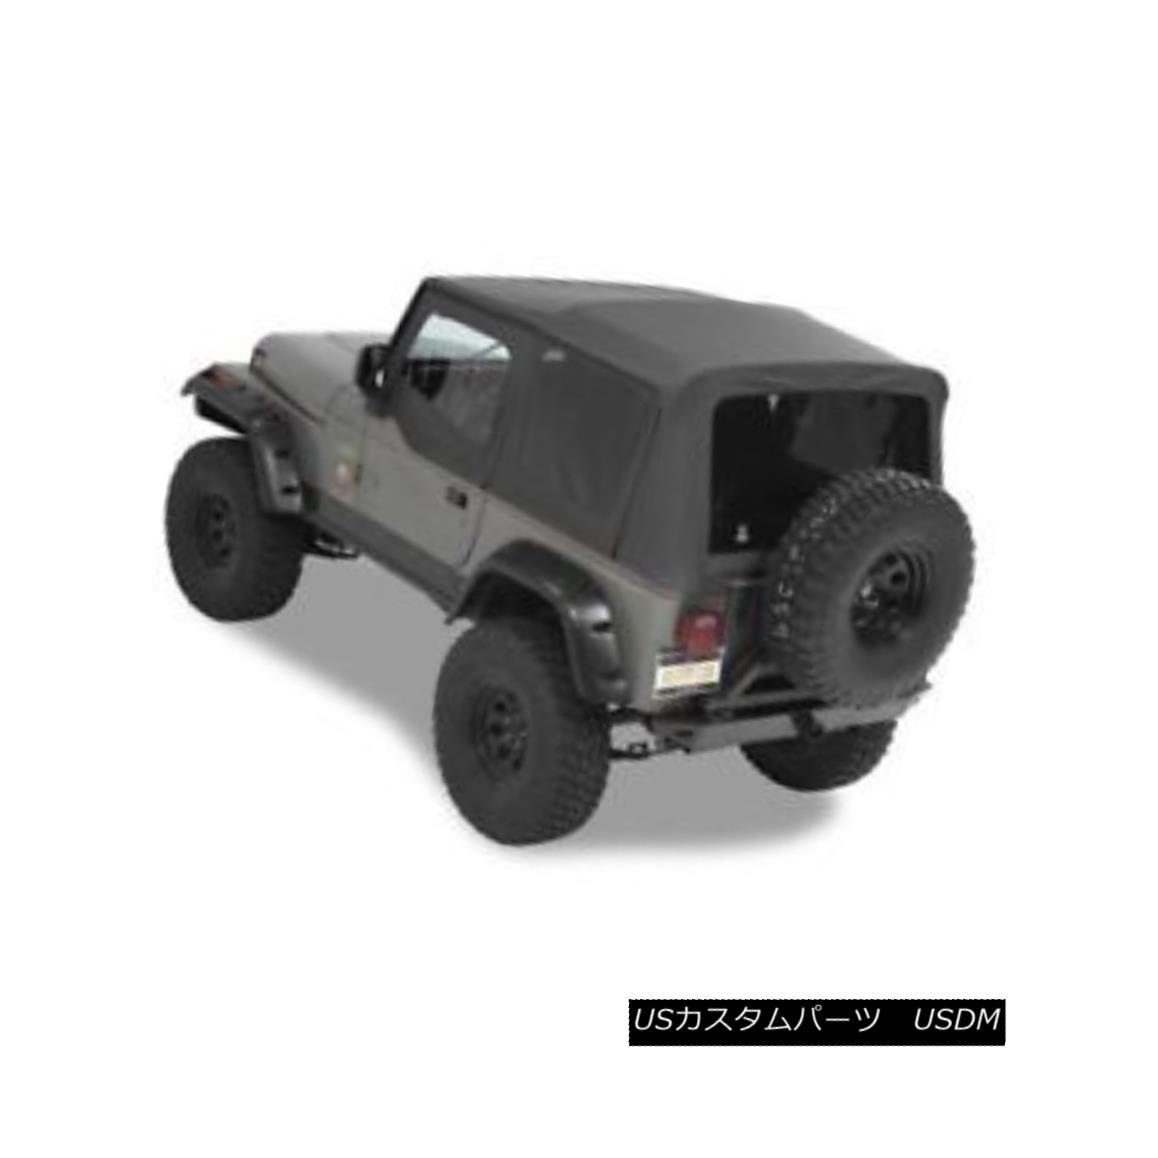 幌・ソフトトップ Bestop 54601-15 Supertop Replacement Soft Top (Black Denim) For 88-95 Wrangler Bestop 54601-15スーパートップ交換用ソフトトップ(ブラックデニム)88-95ラングラー用